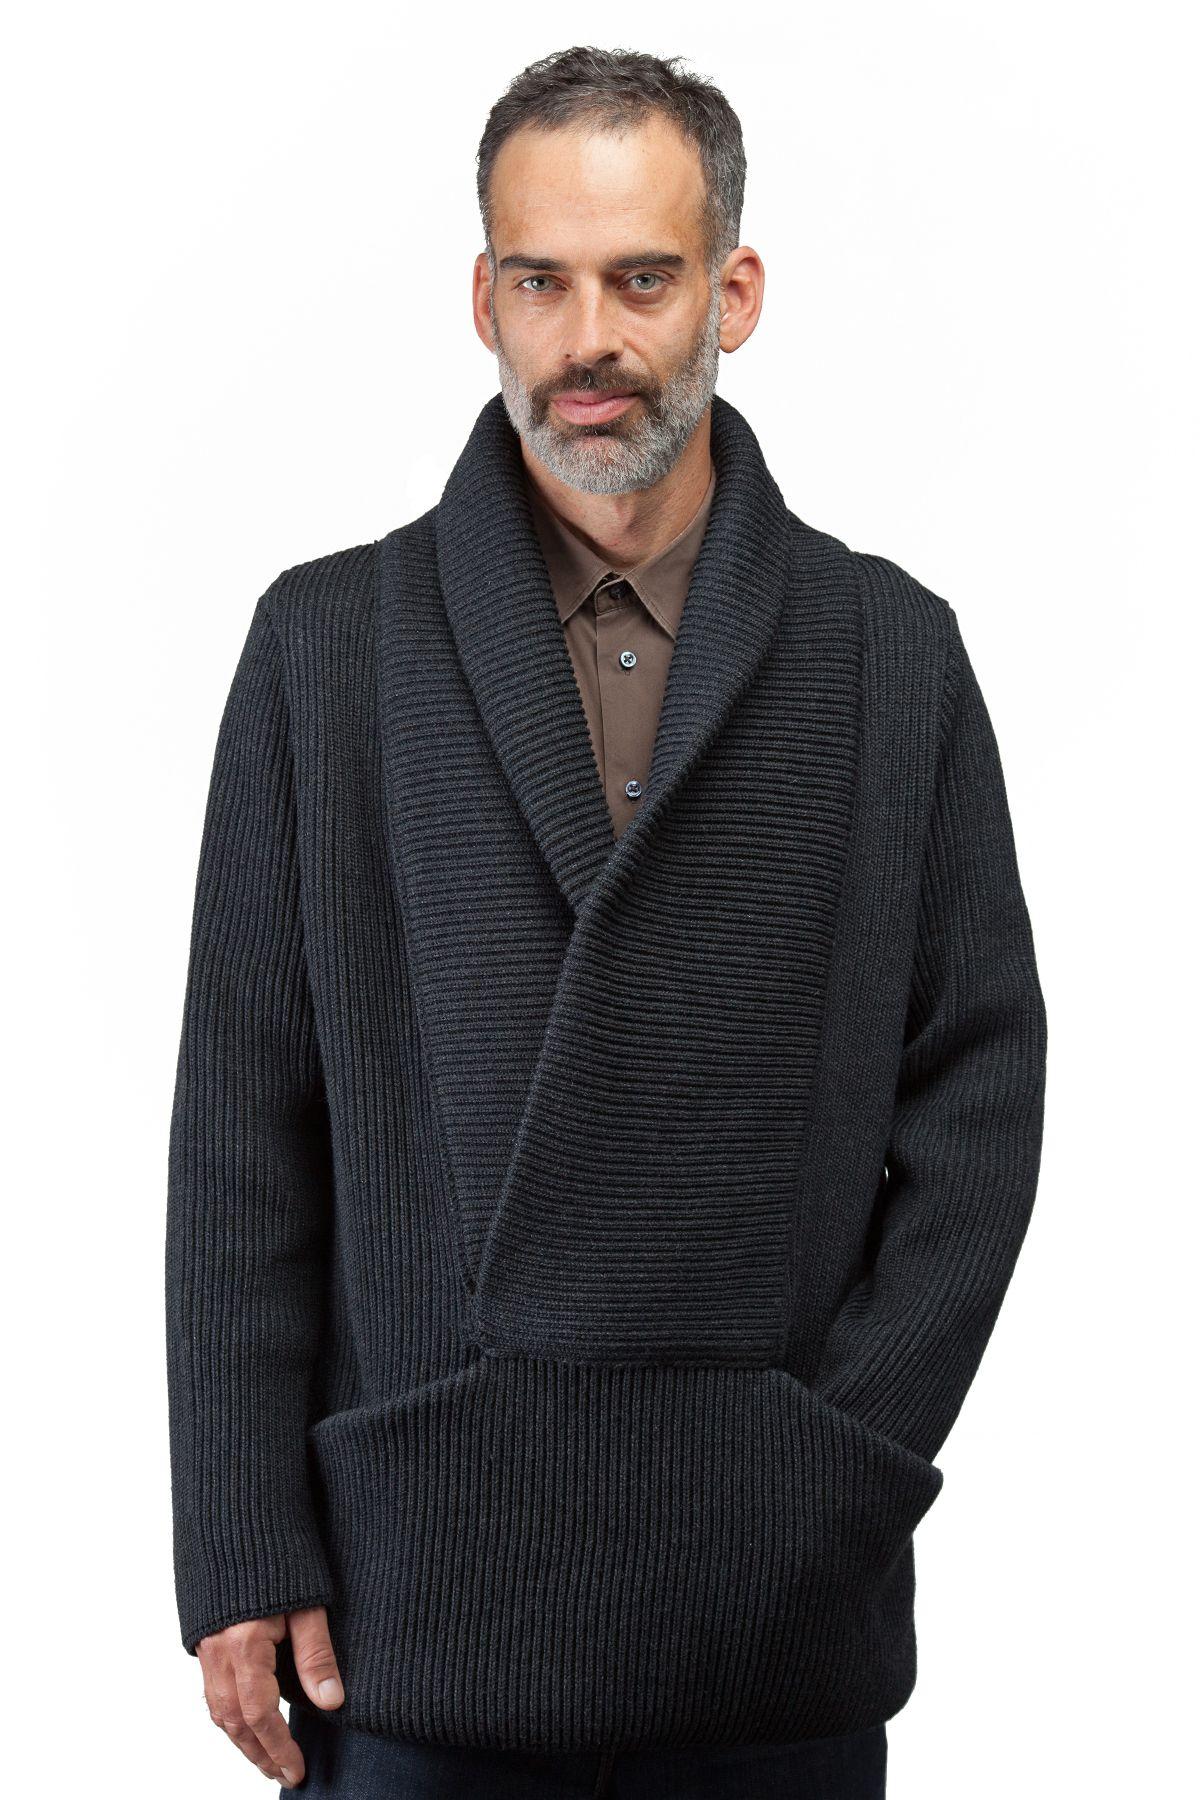 Taille P/M et G/TG, 100% laine Mérinos provenant d'Italie, tricot côte du pêcheur, col châle, poches à l'avant, disponible en 3 couleurs, fabriqué à Montréal, design québécois Boutique en ligne: www.breedknitting.com #knits #menswear #fw201314